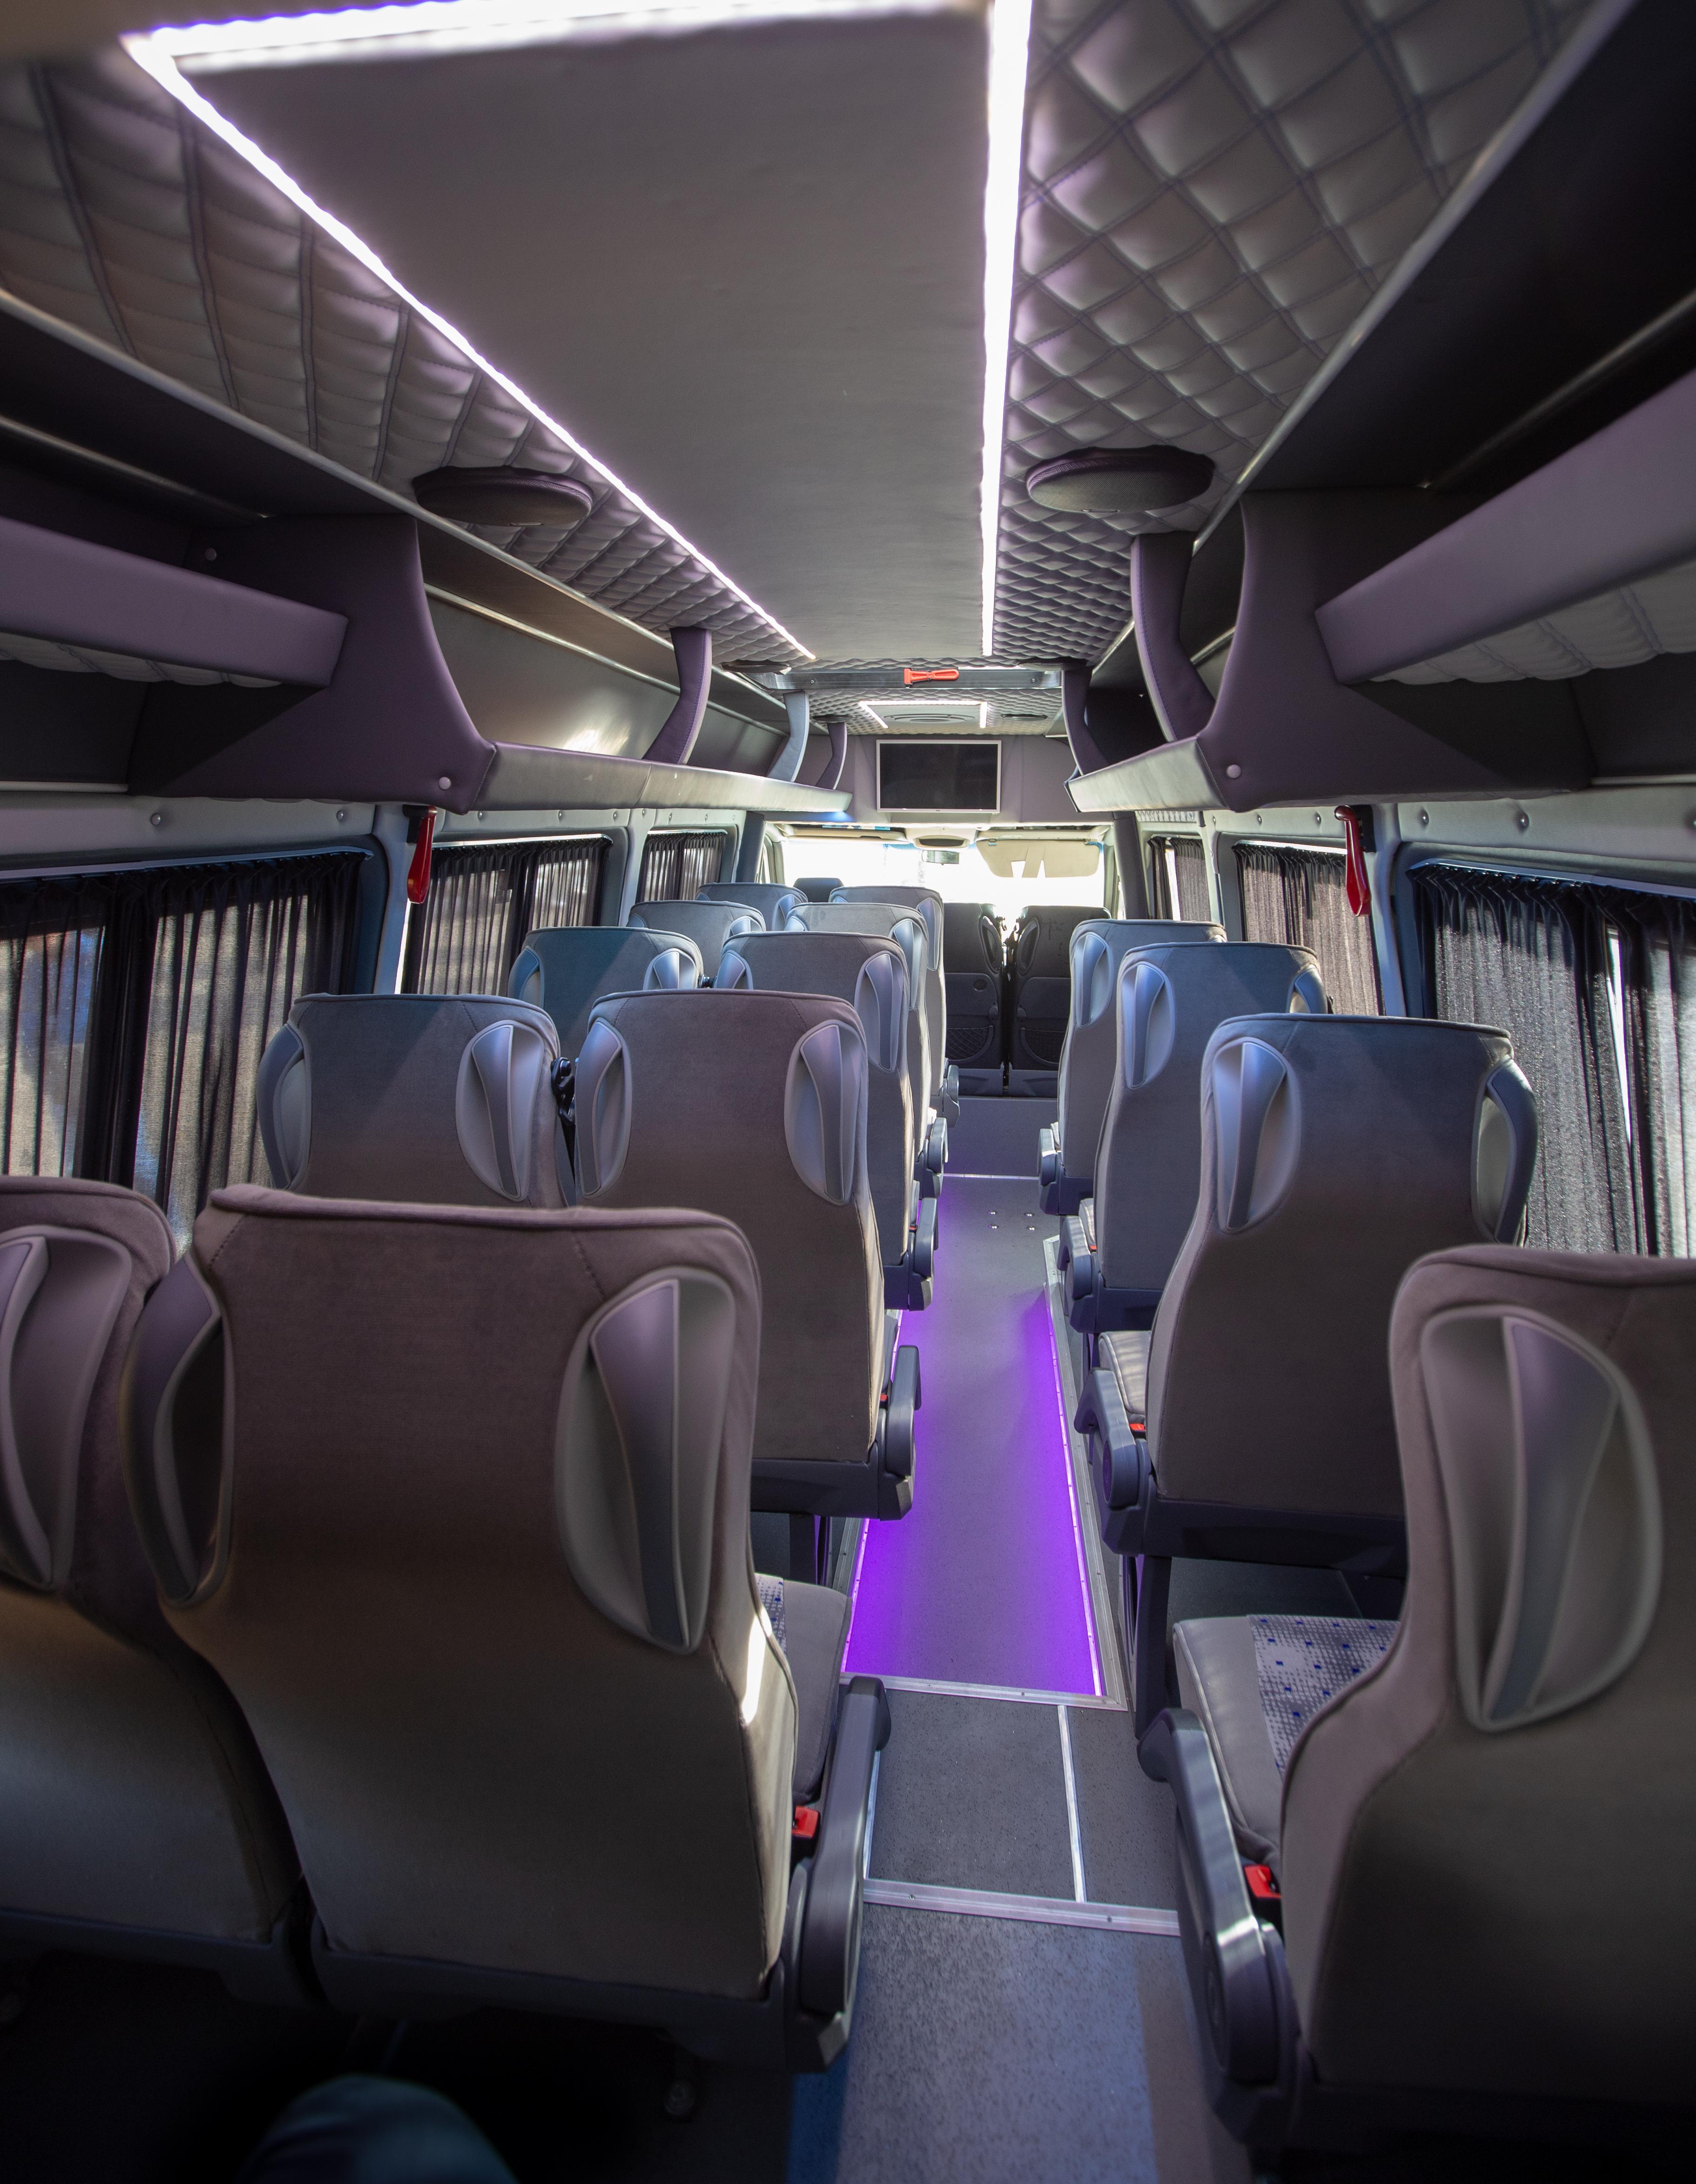 Фольксваген Крафтер, 21 пассажирское место, кондиционер, вебасто, TV, DVD, микрофон, увеличенное багажное отделение.